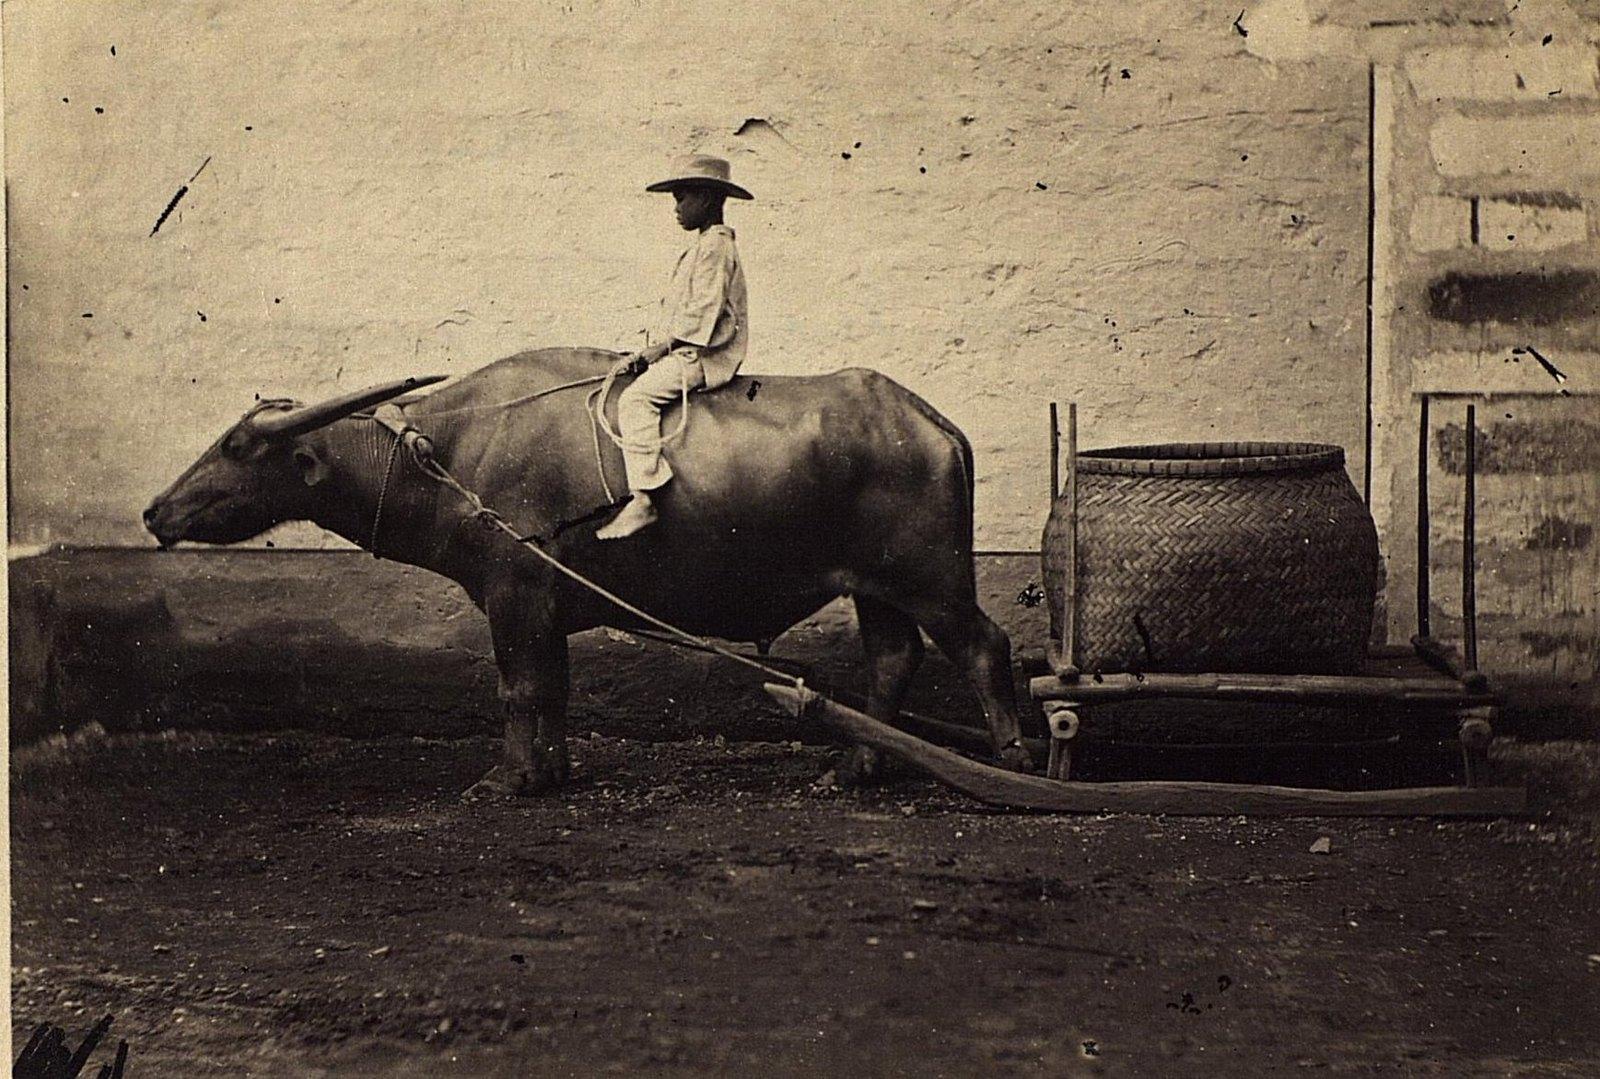 Способ перевозки тяжестей. Филиппины, город Манила. 1872.